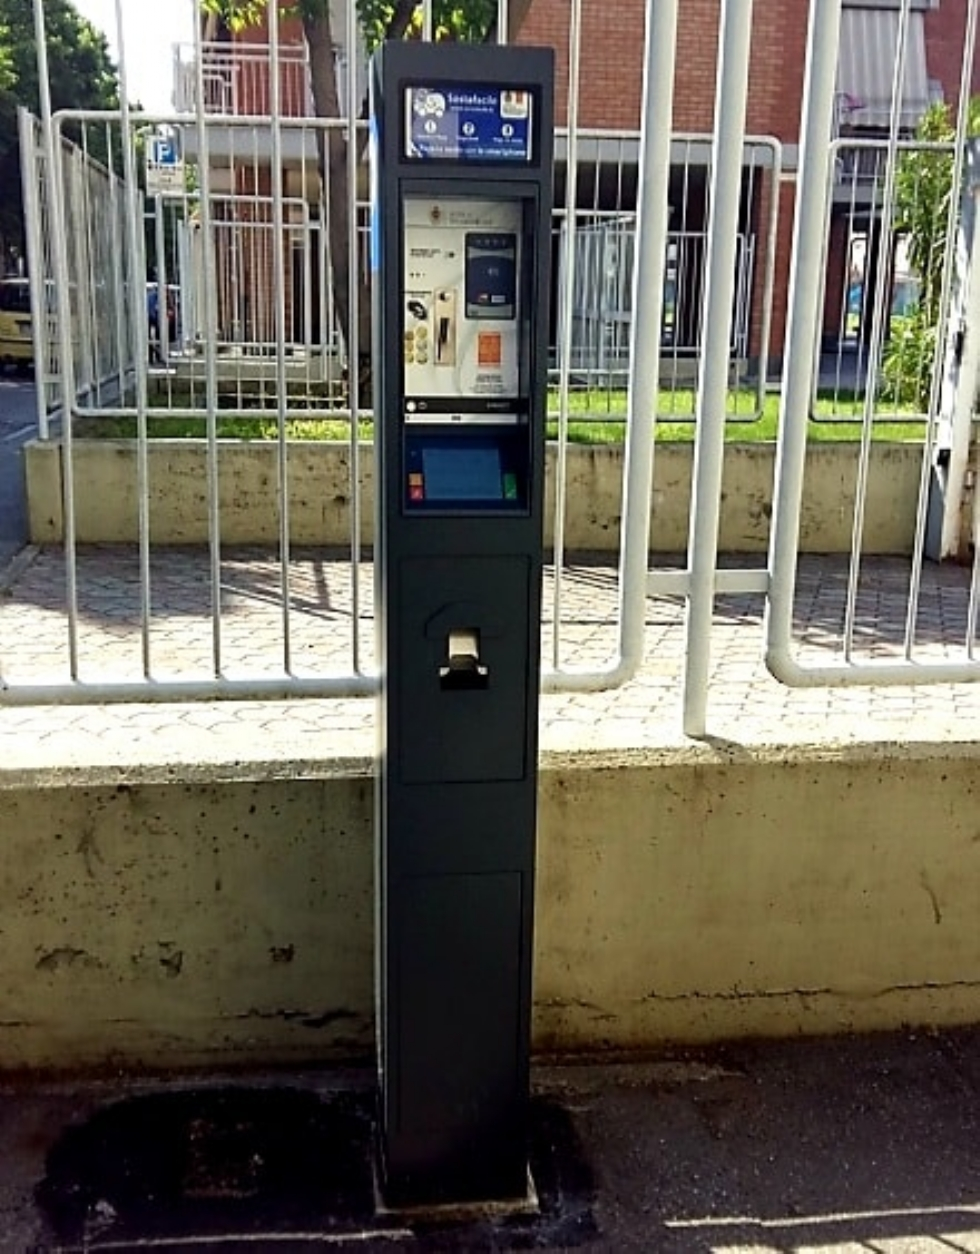 VENARIA - Con la zona rossa torna la sospensione della sosta a pagamento